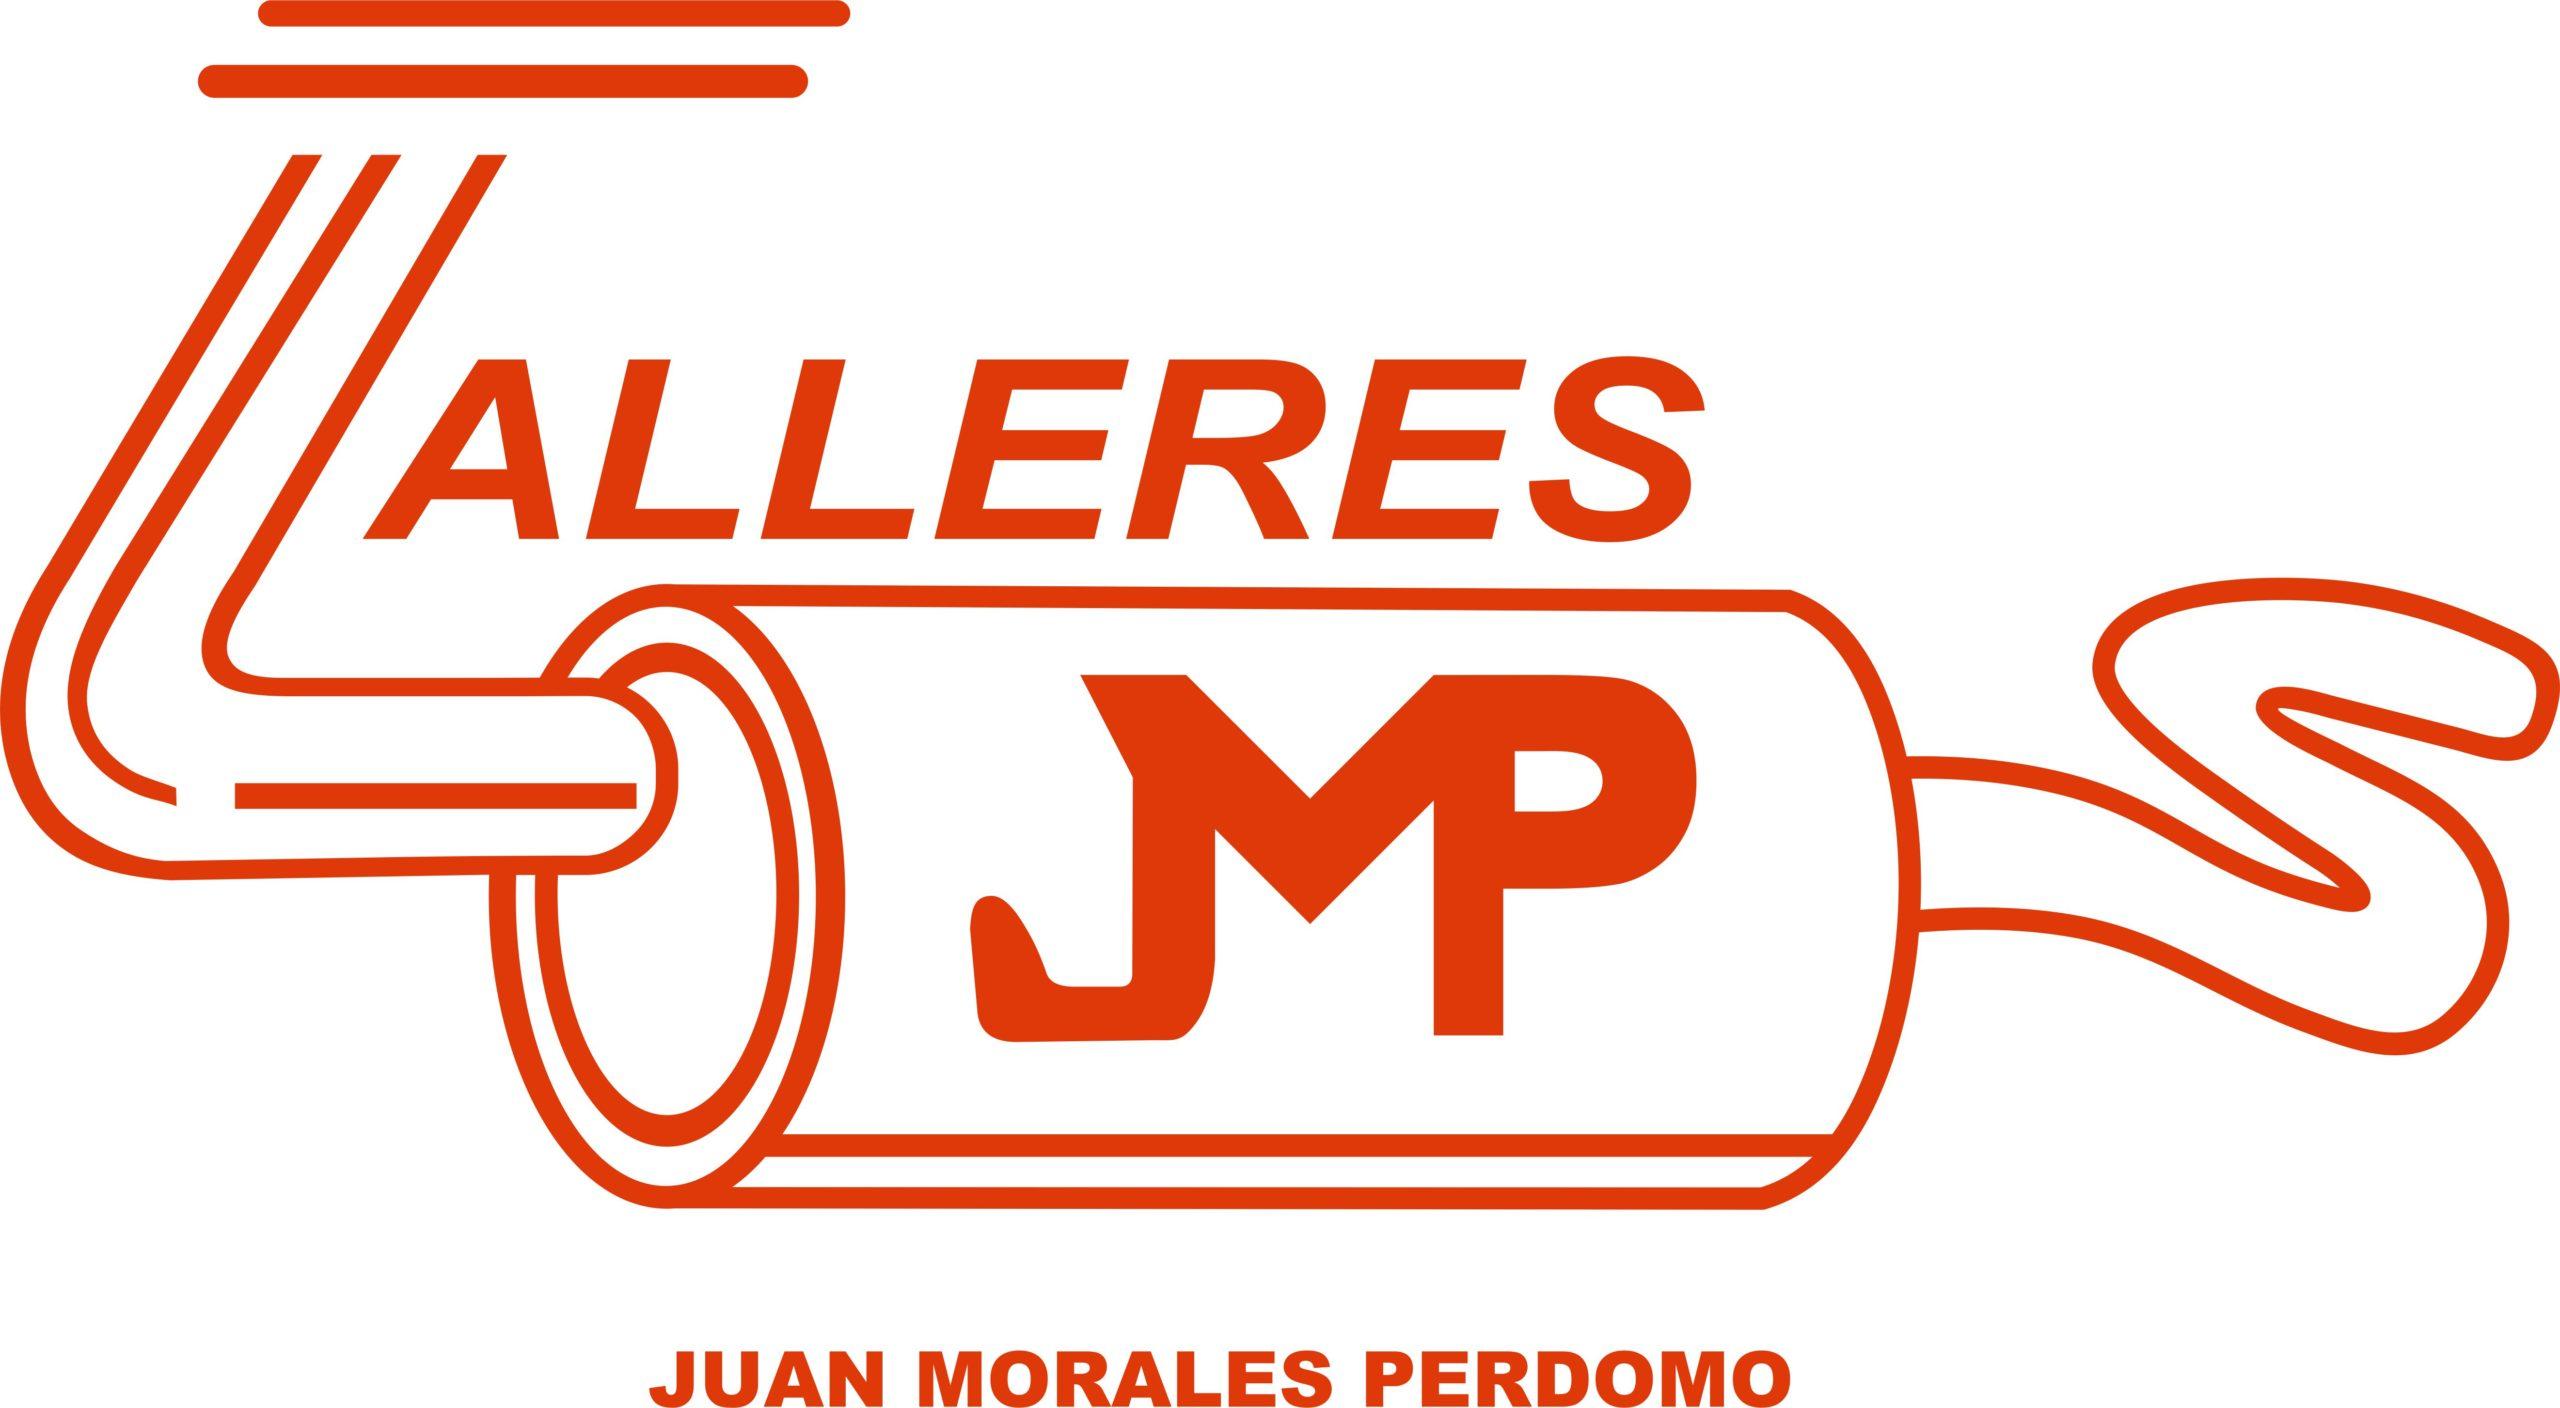 Talleres JMP